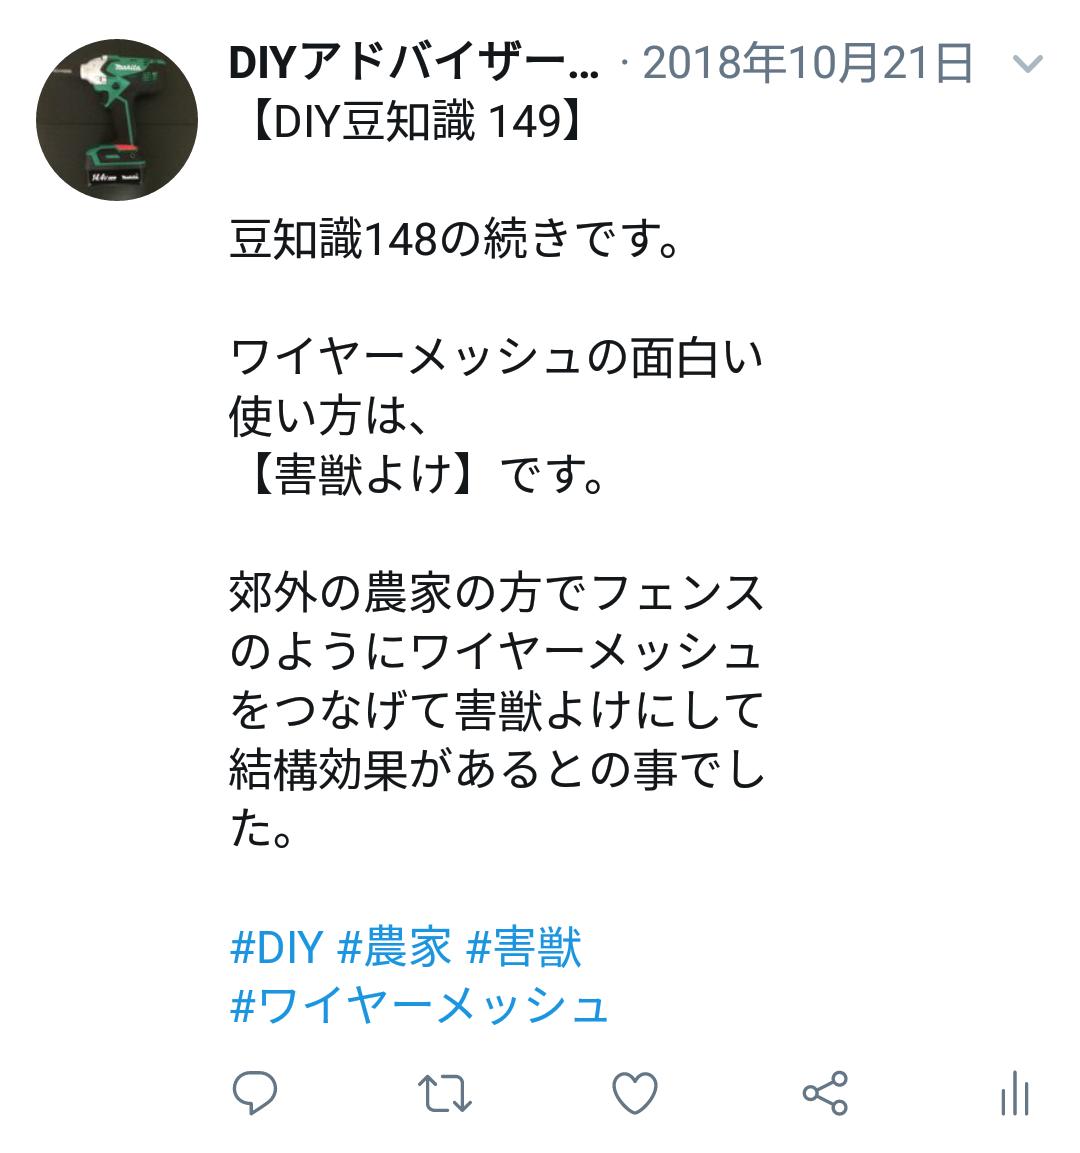 f:id:DIY33:20190406213649p:plain